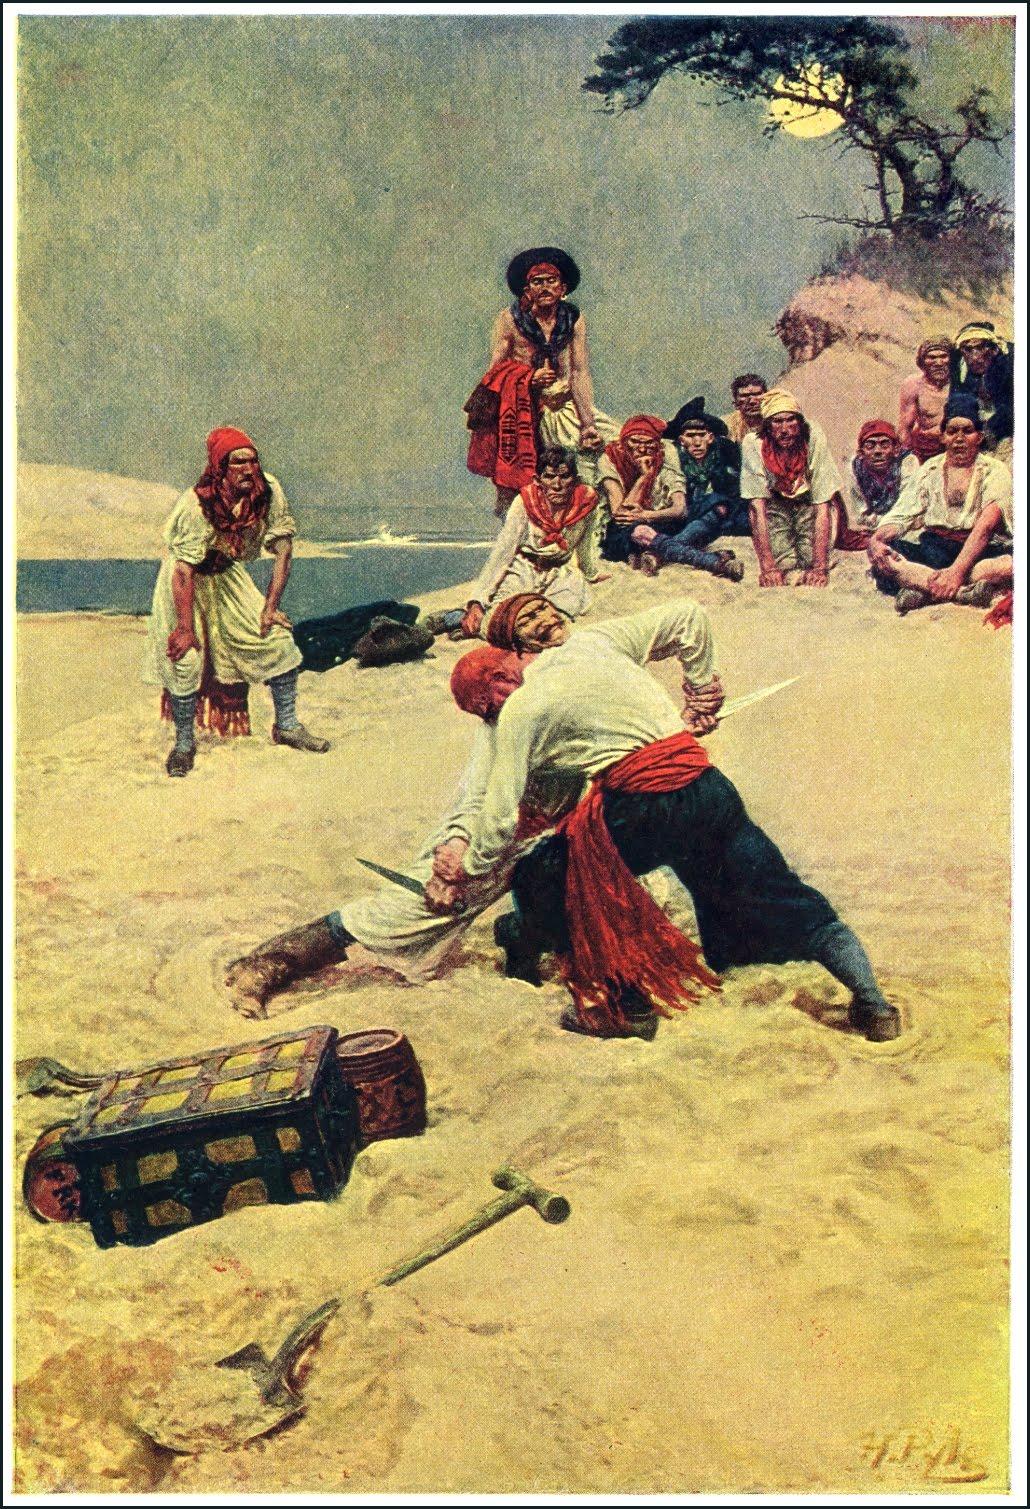 http://www.corsairs-harbour.ru/images/artalbum/album_50/40_pyle_bookofpirates_fightonbeach.jpg